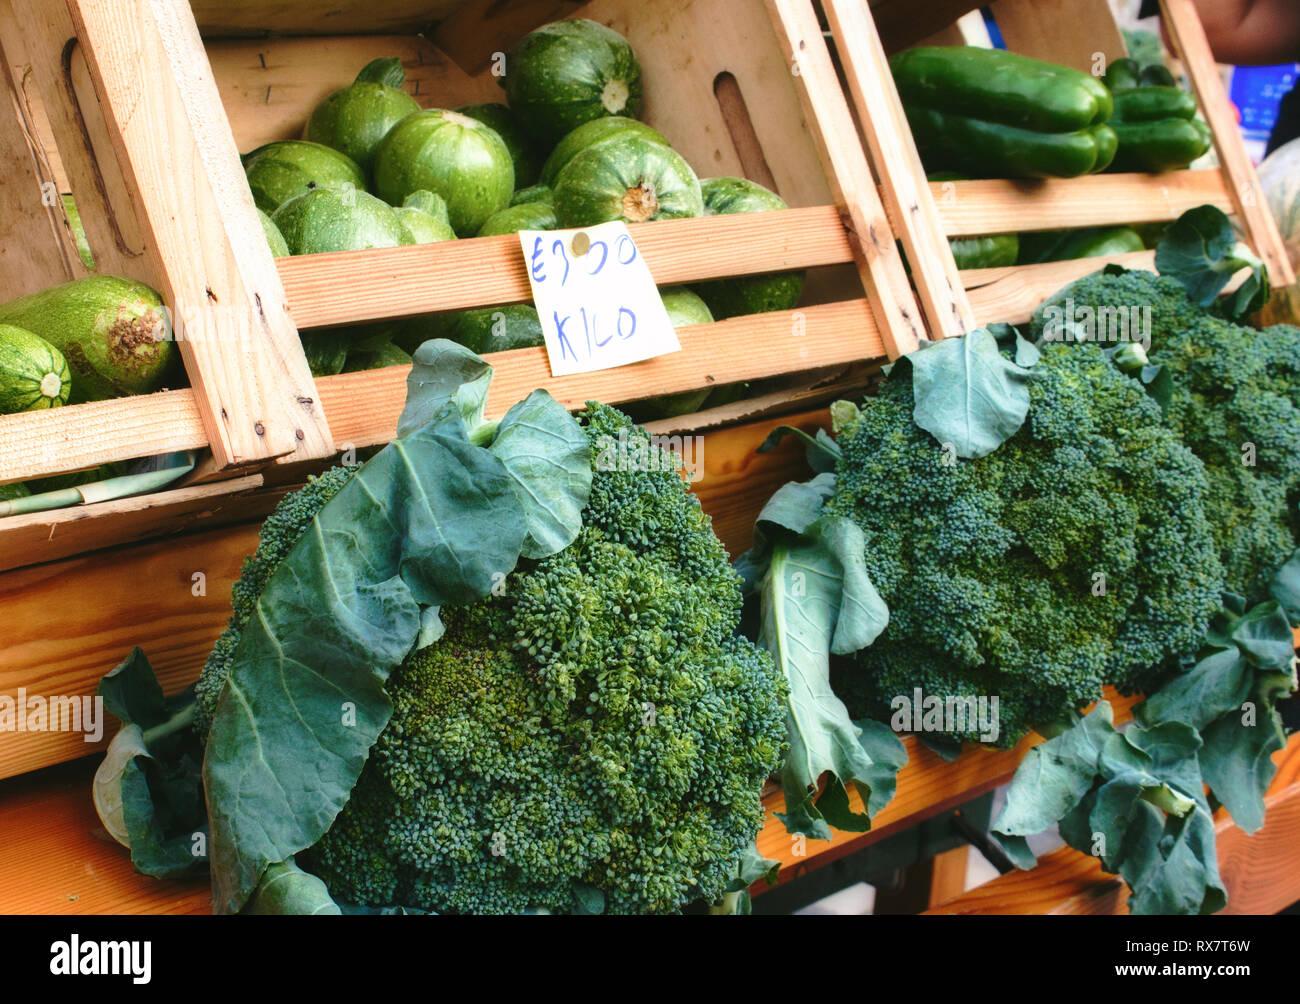 Market vendor cart with varied vegetables - Stock Image